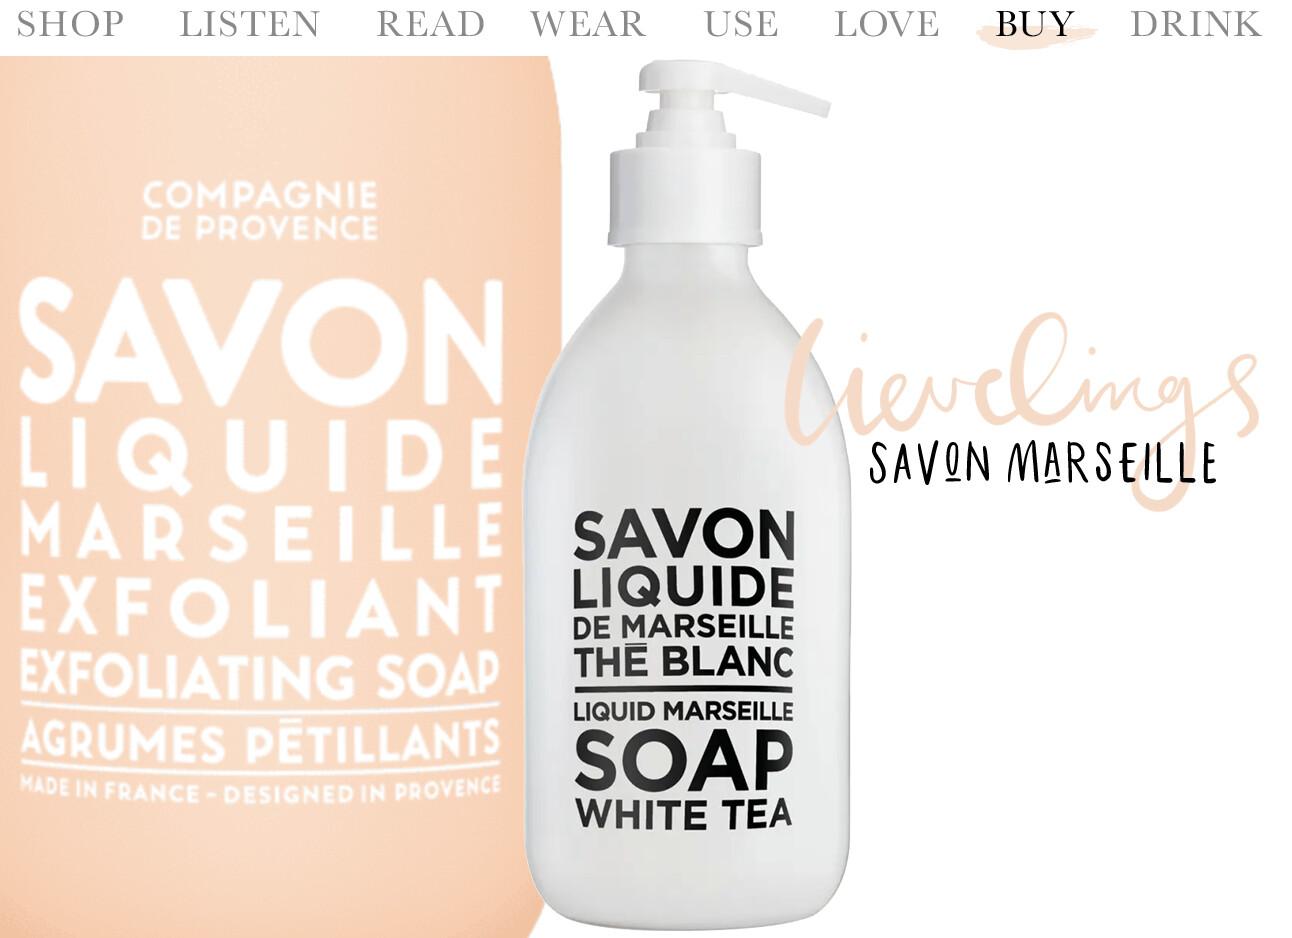 Today we buy savon Marseille